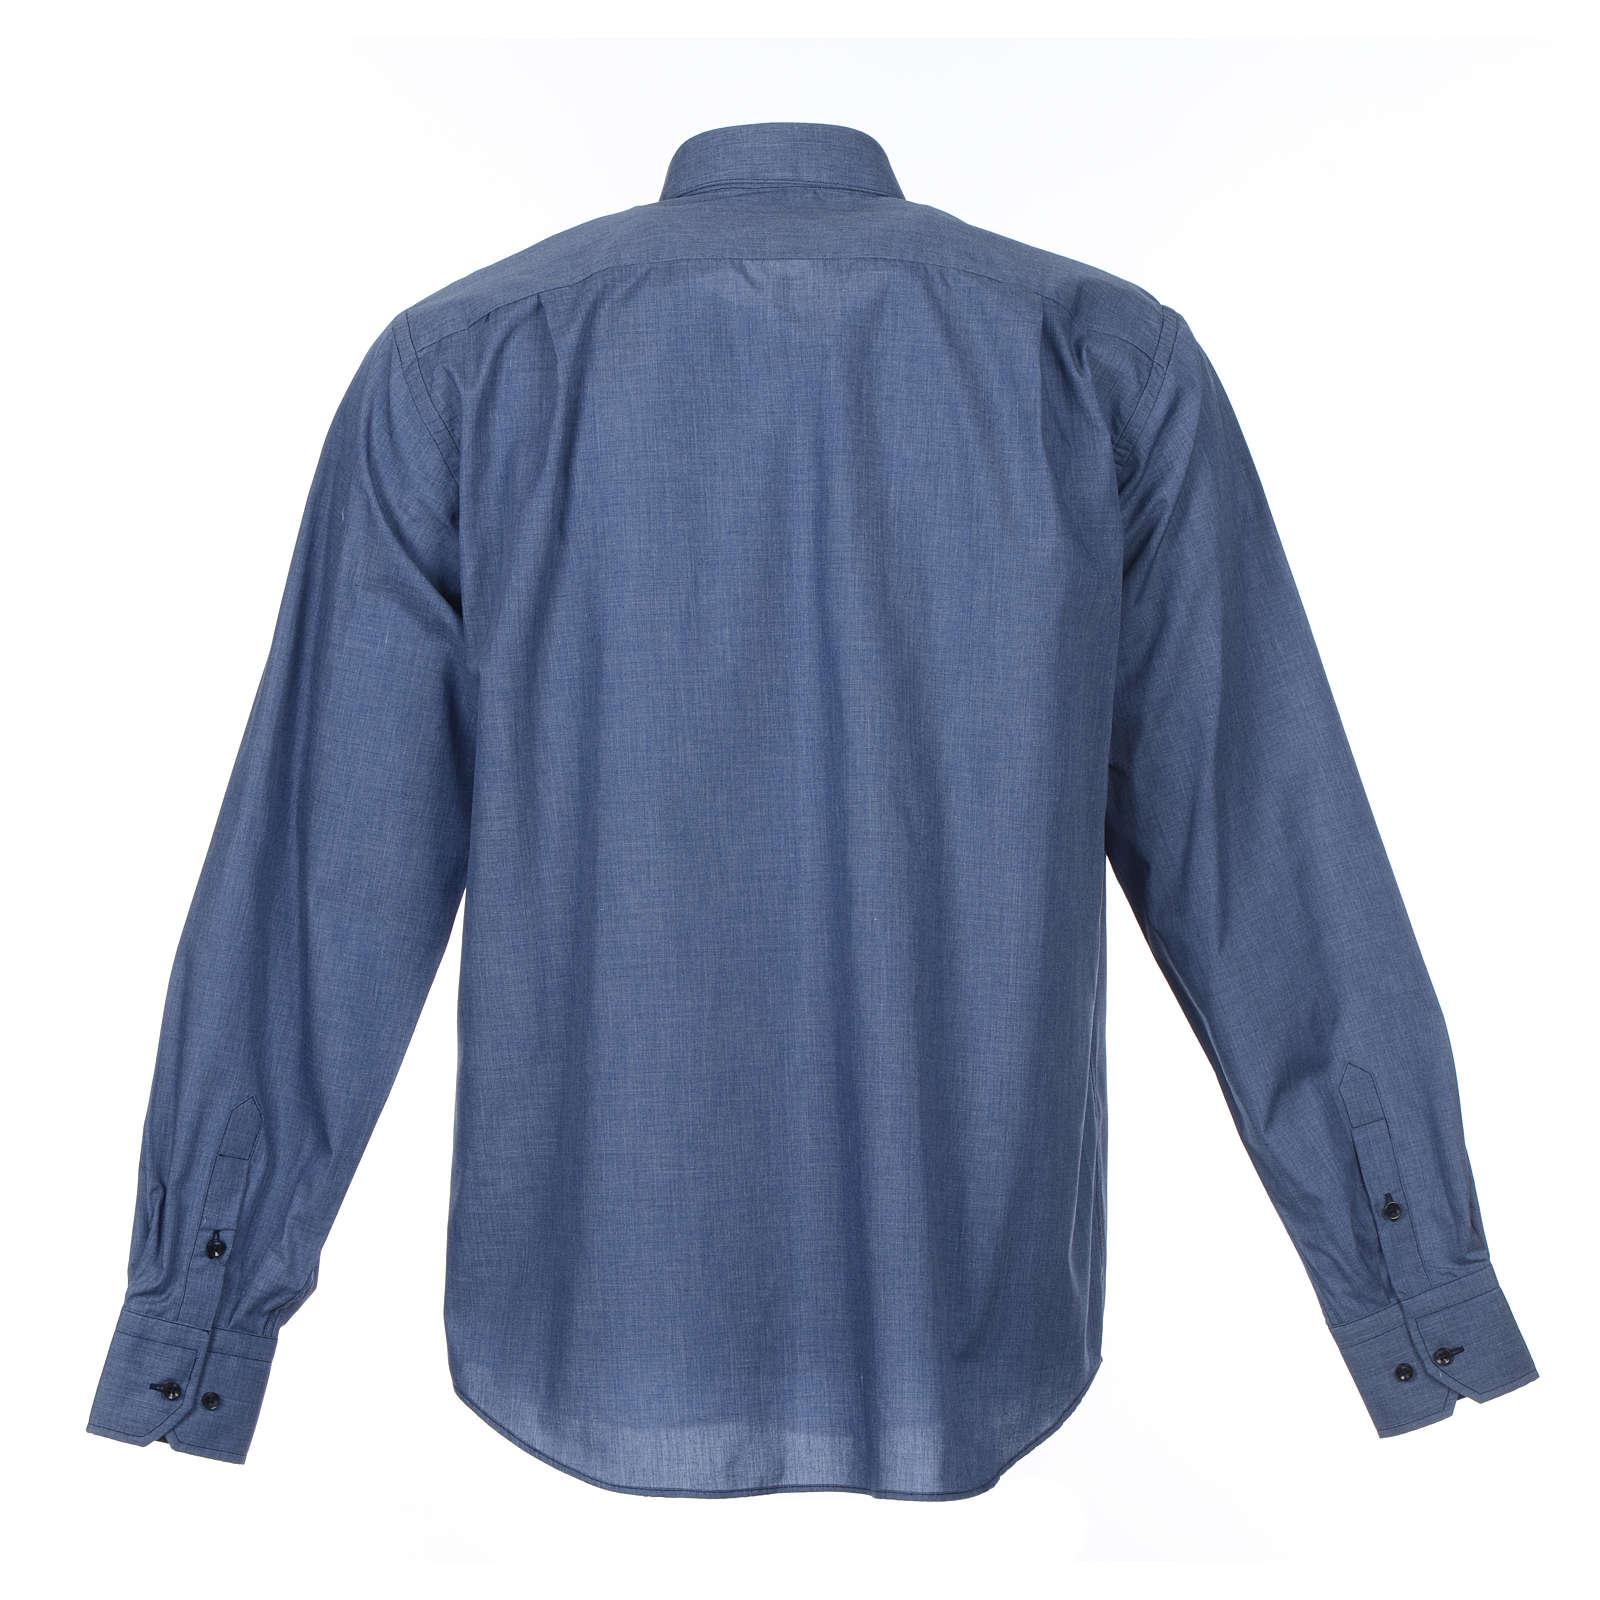 Collarhemd mit Langarm aus Baumwoll-Polyester-Mischgewebe einfarbig Jeansblau 4